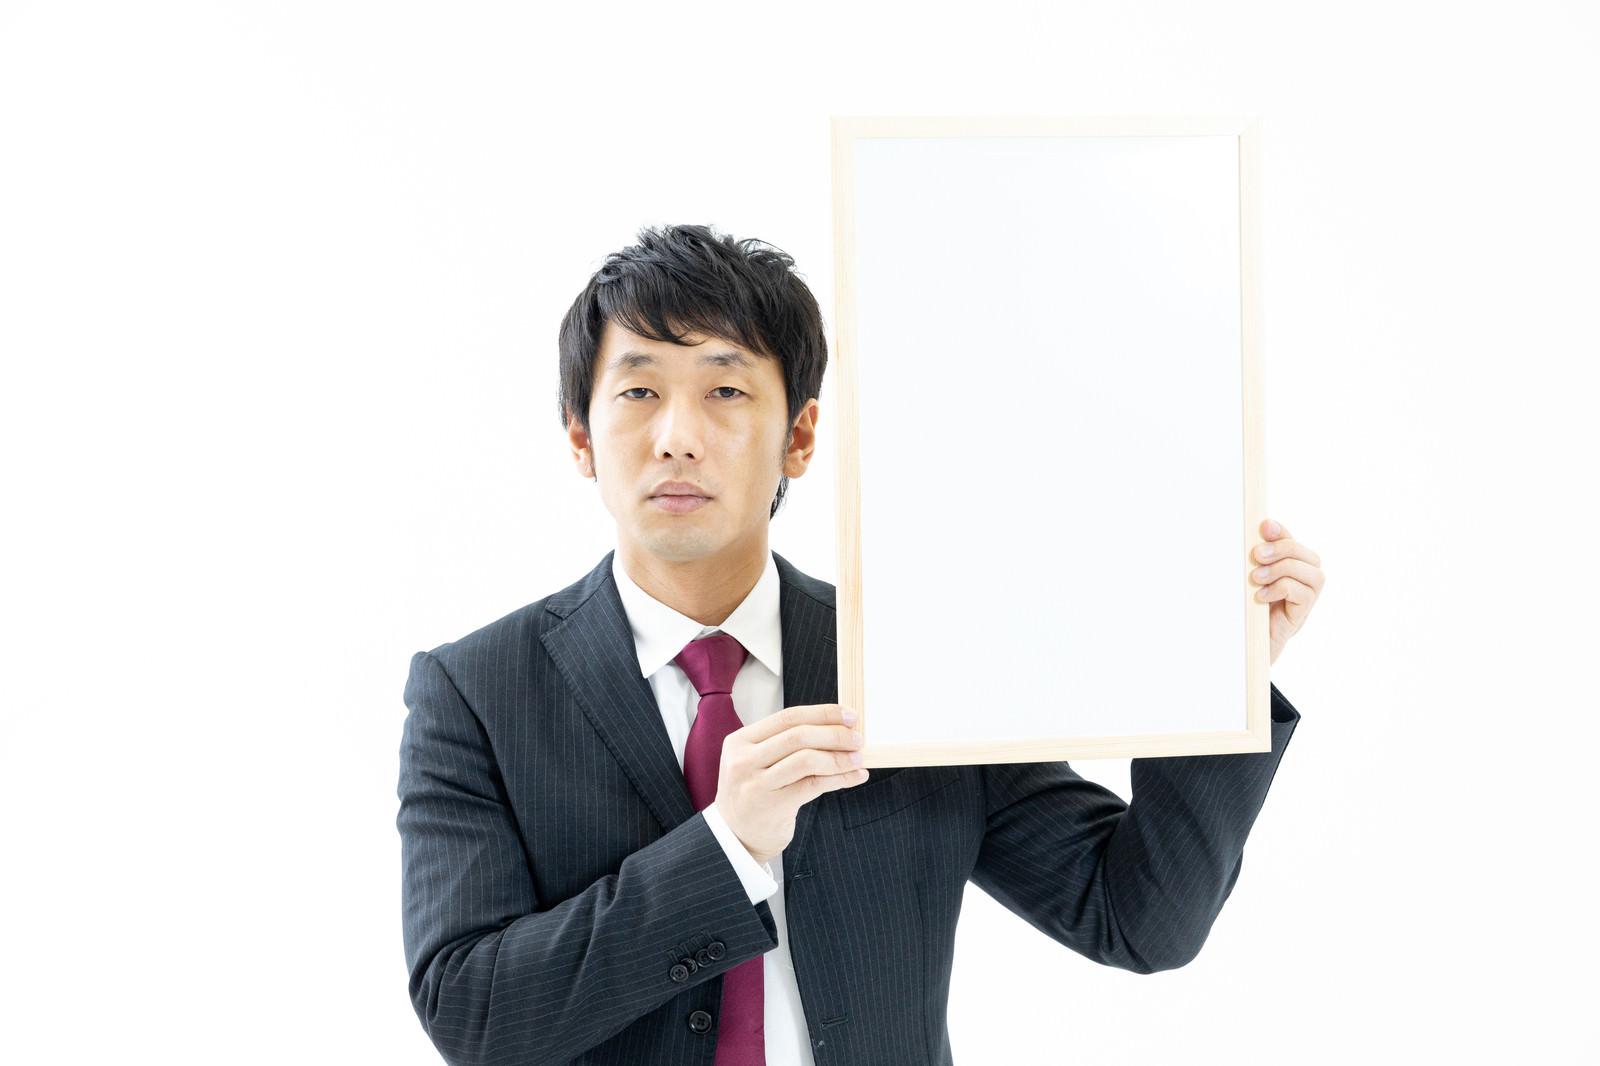 「チベットスナギツネの顔マネをする司会者」の写真[モデル:大川竜弥]